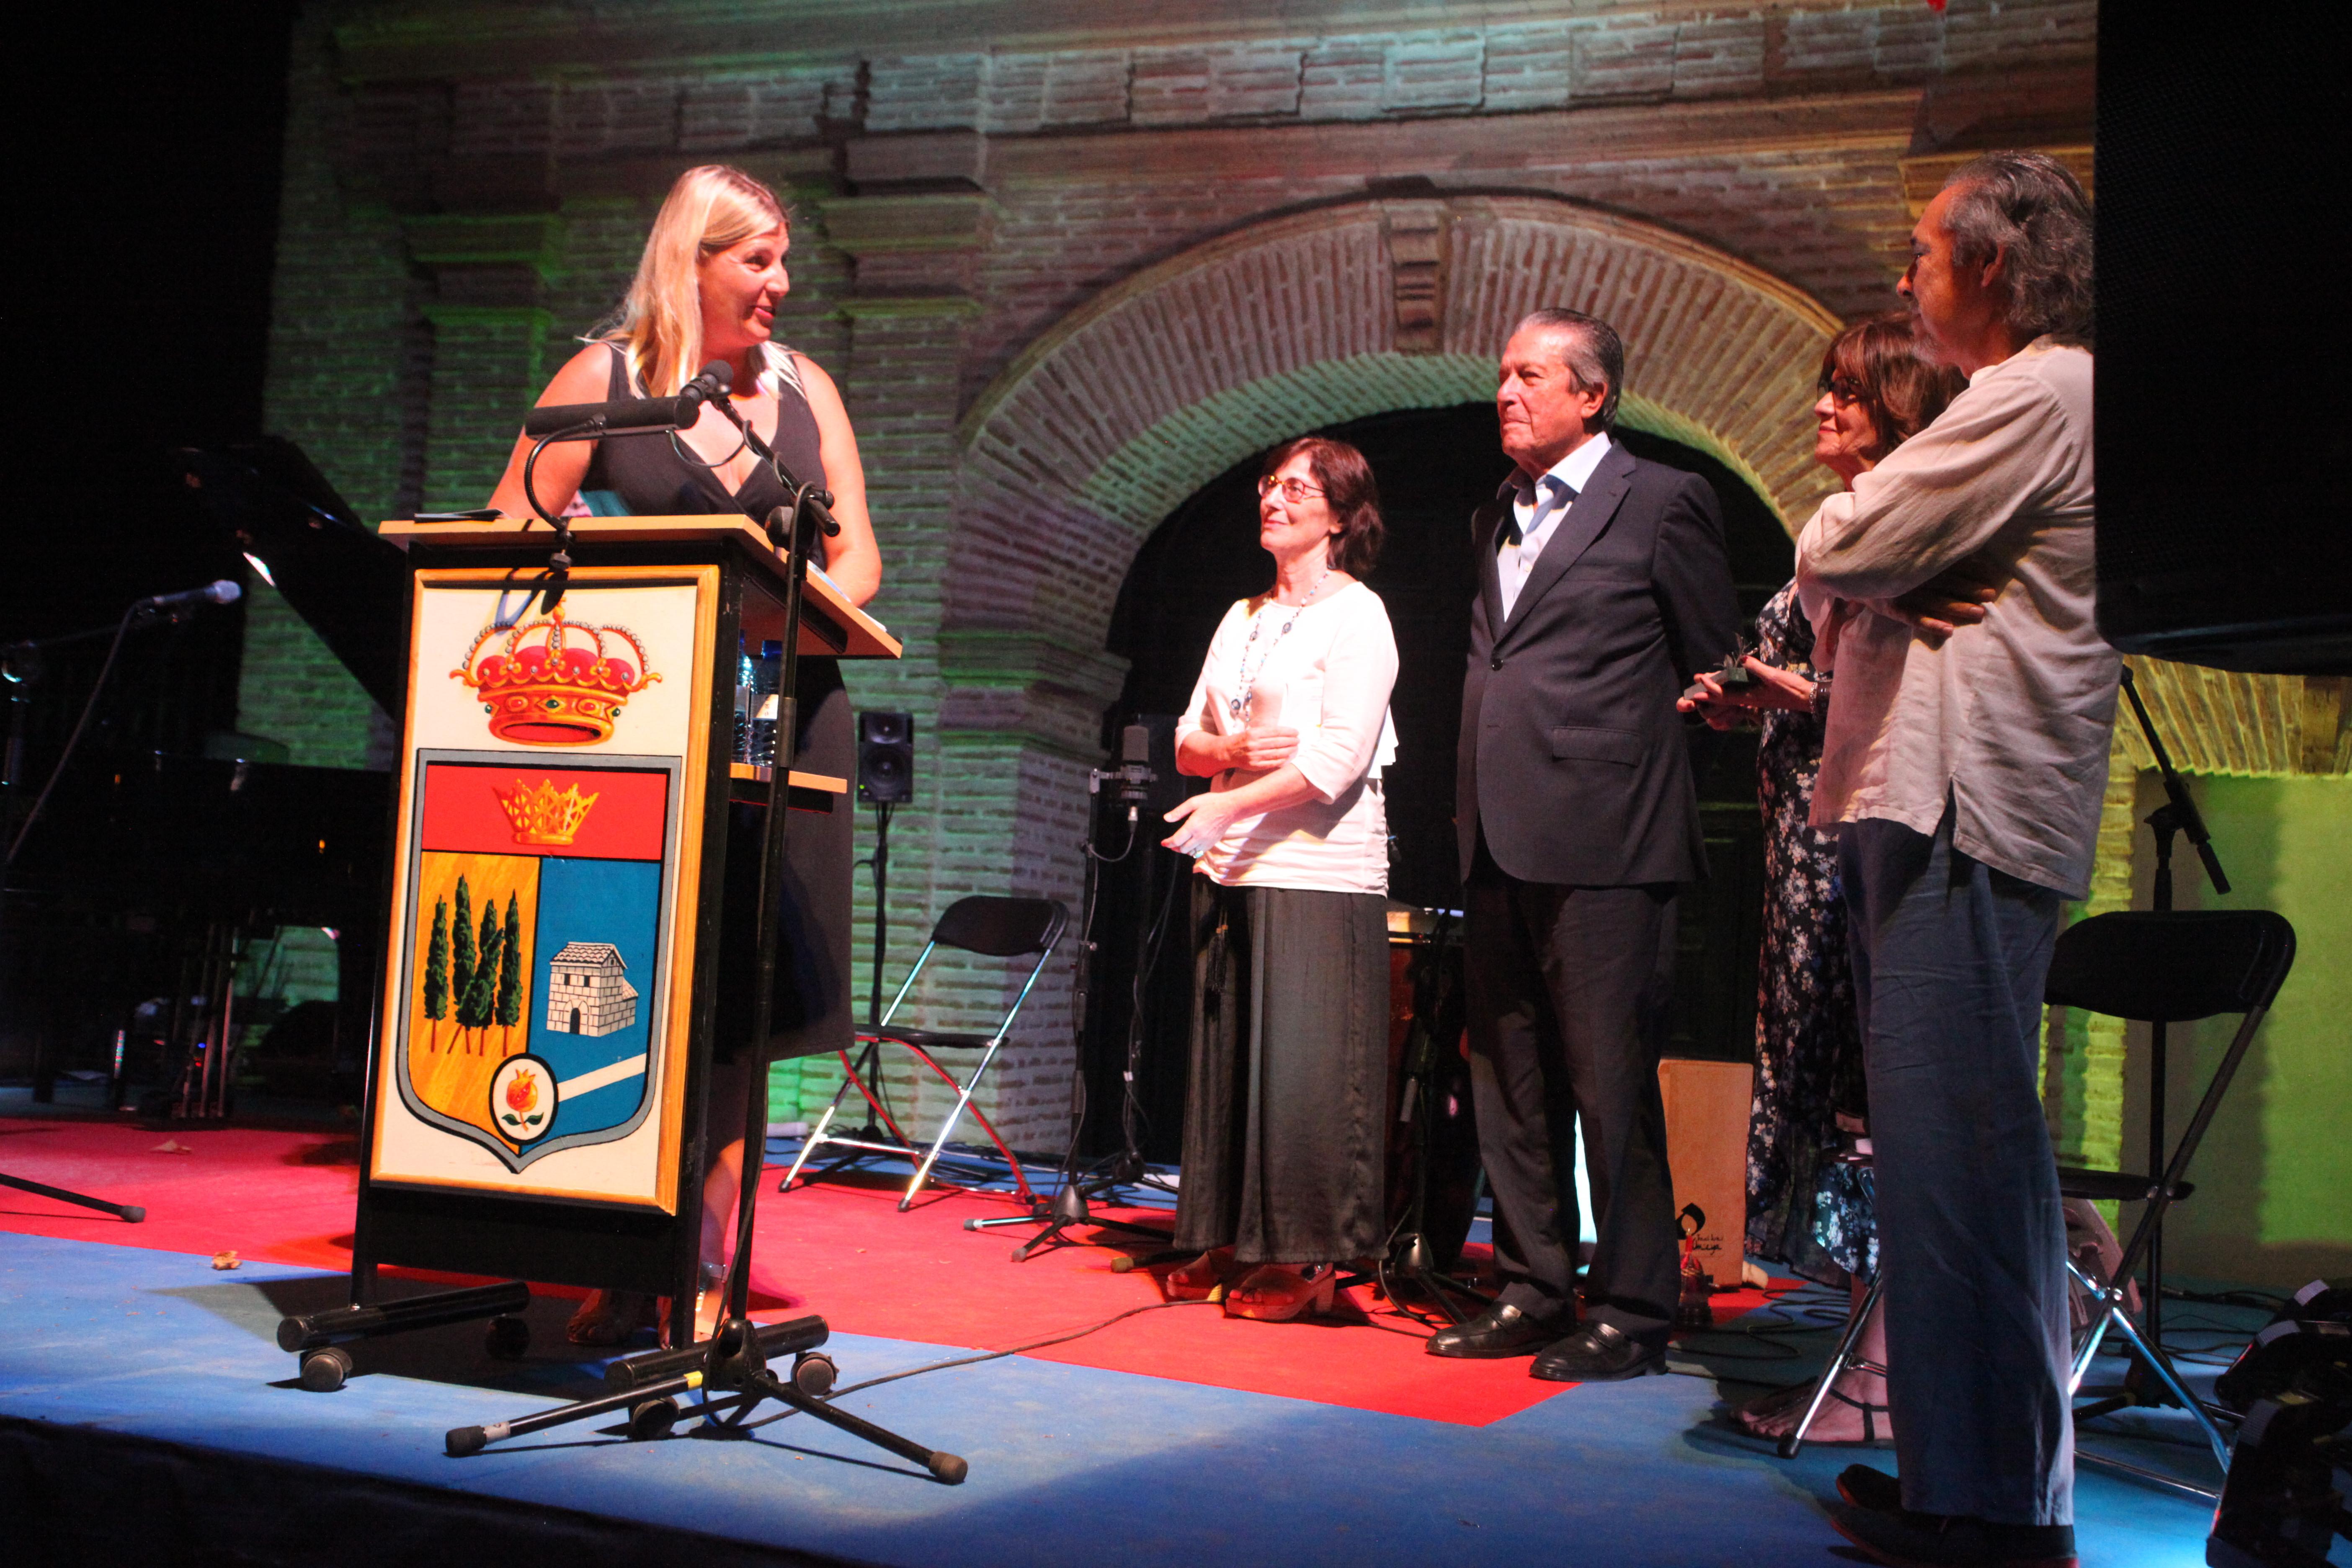 El XVI festival de poesía en el Laurel finaliza recordando la importancia de la mujer en la sociedad